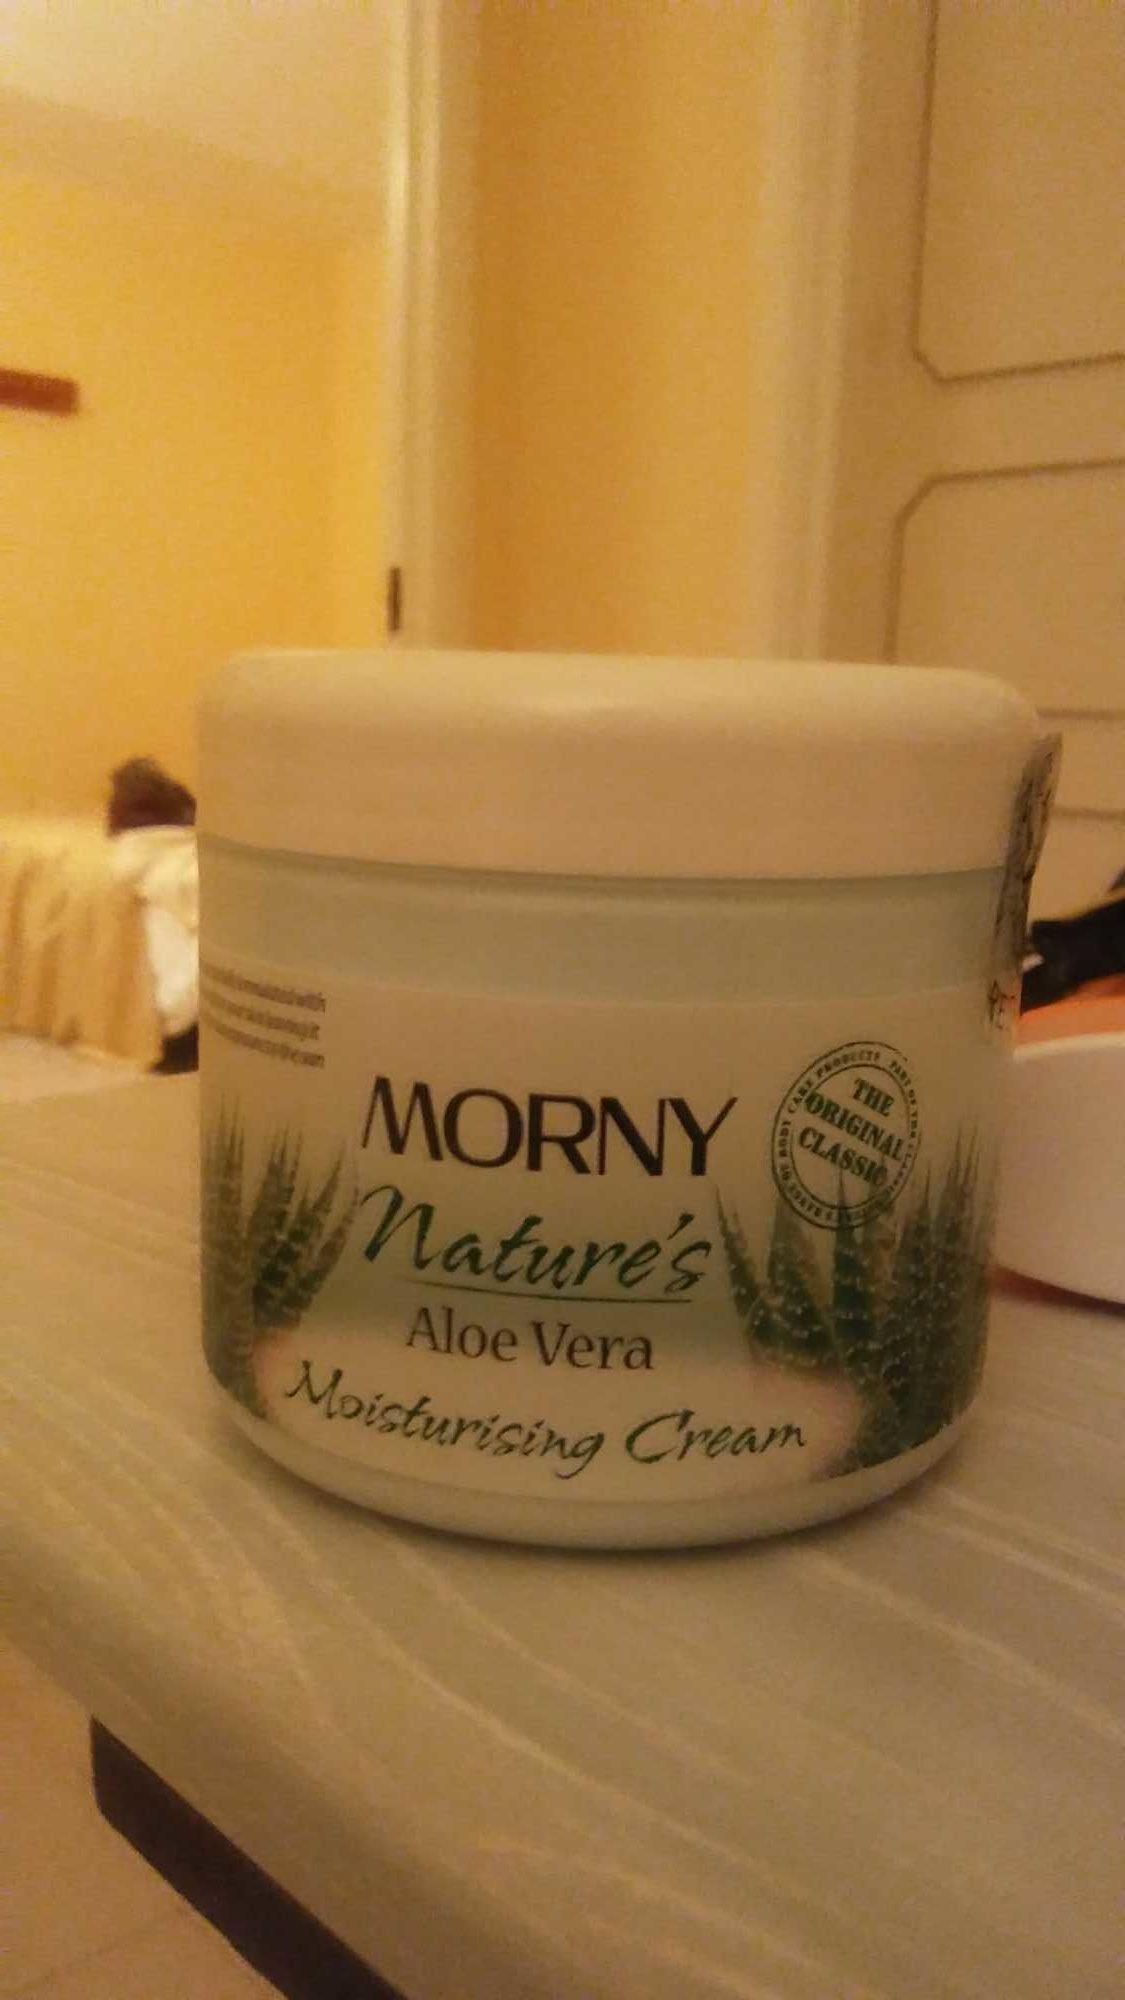 Crème - Product - fr